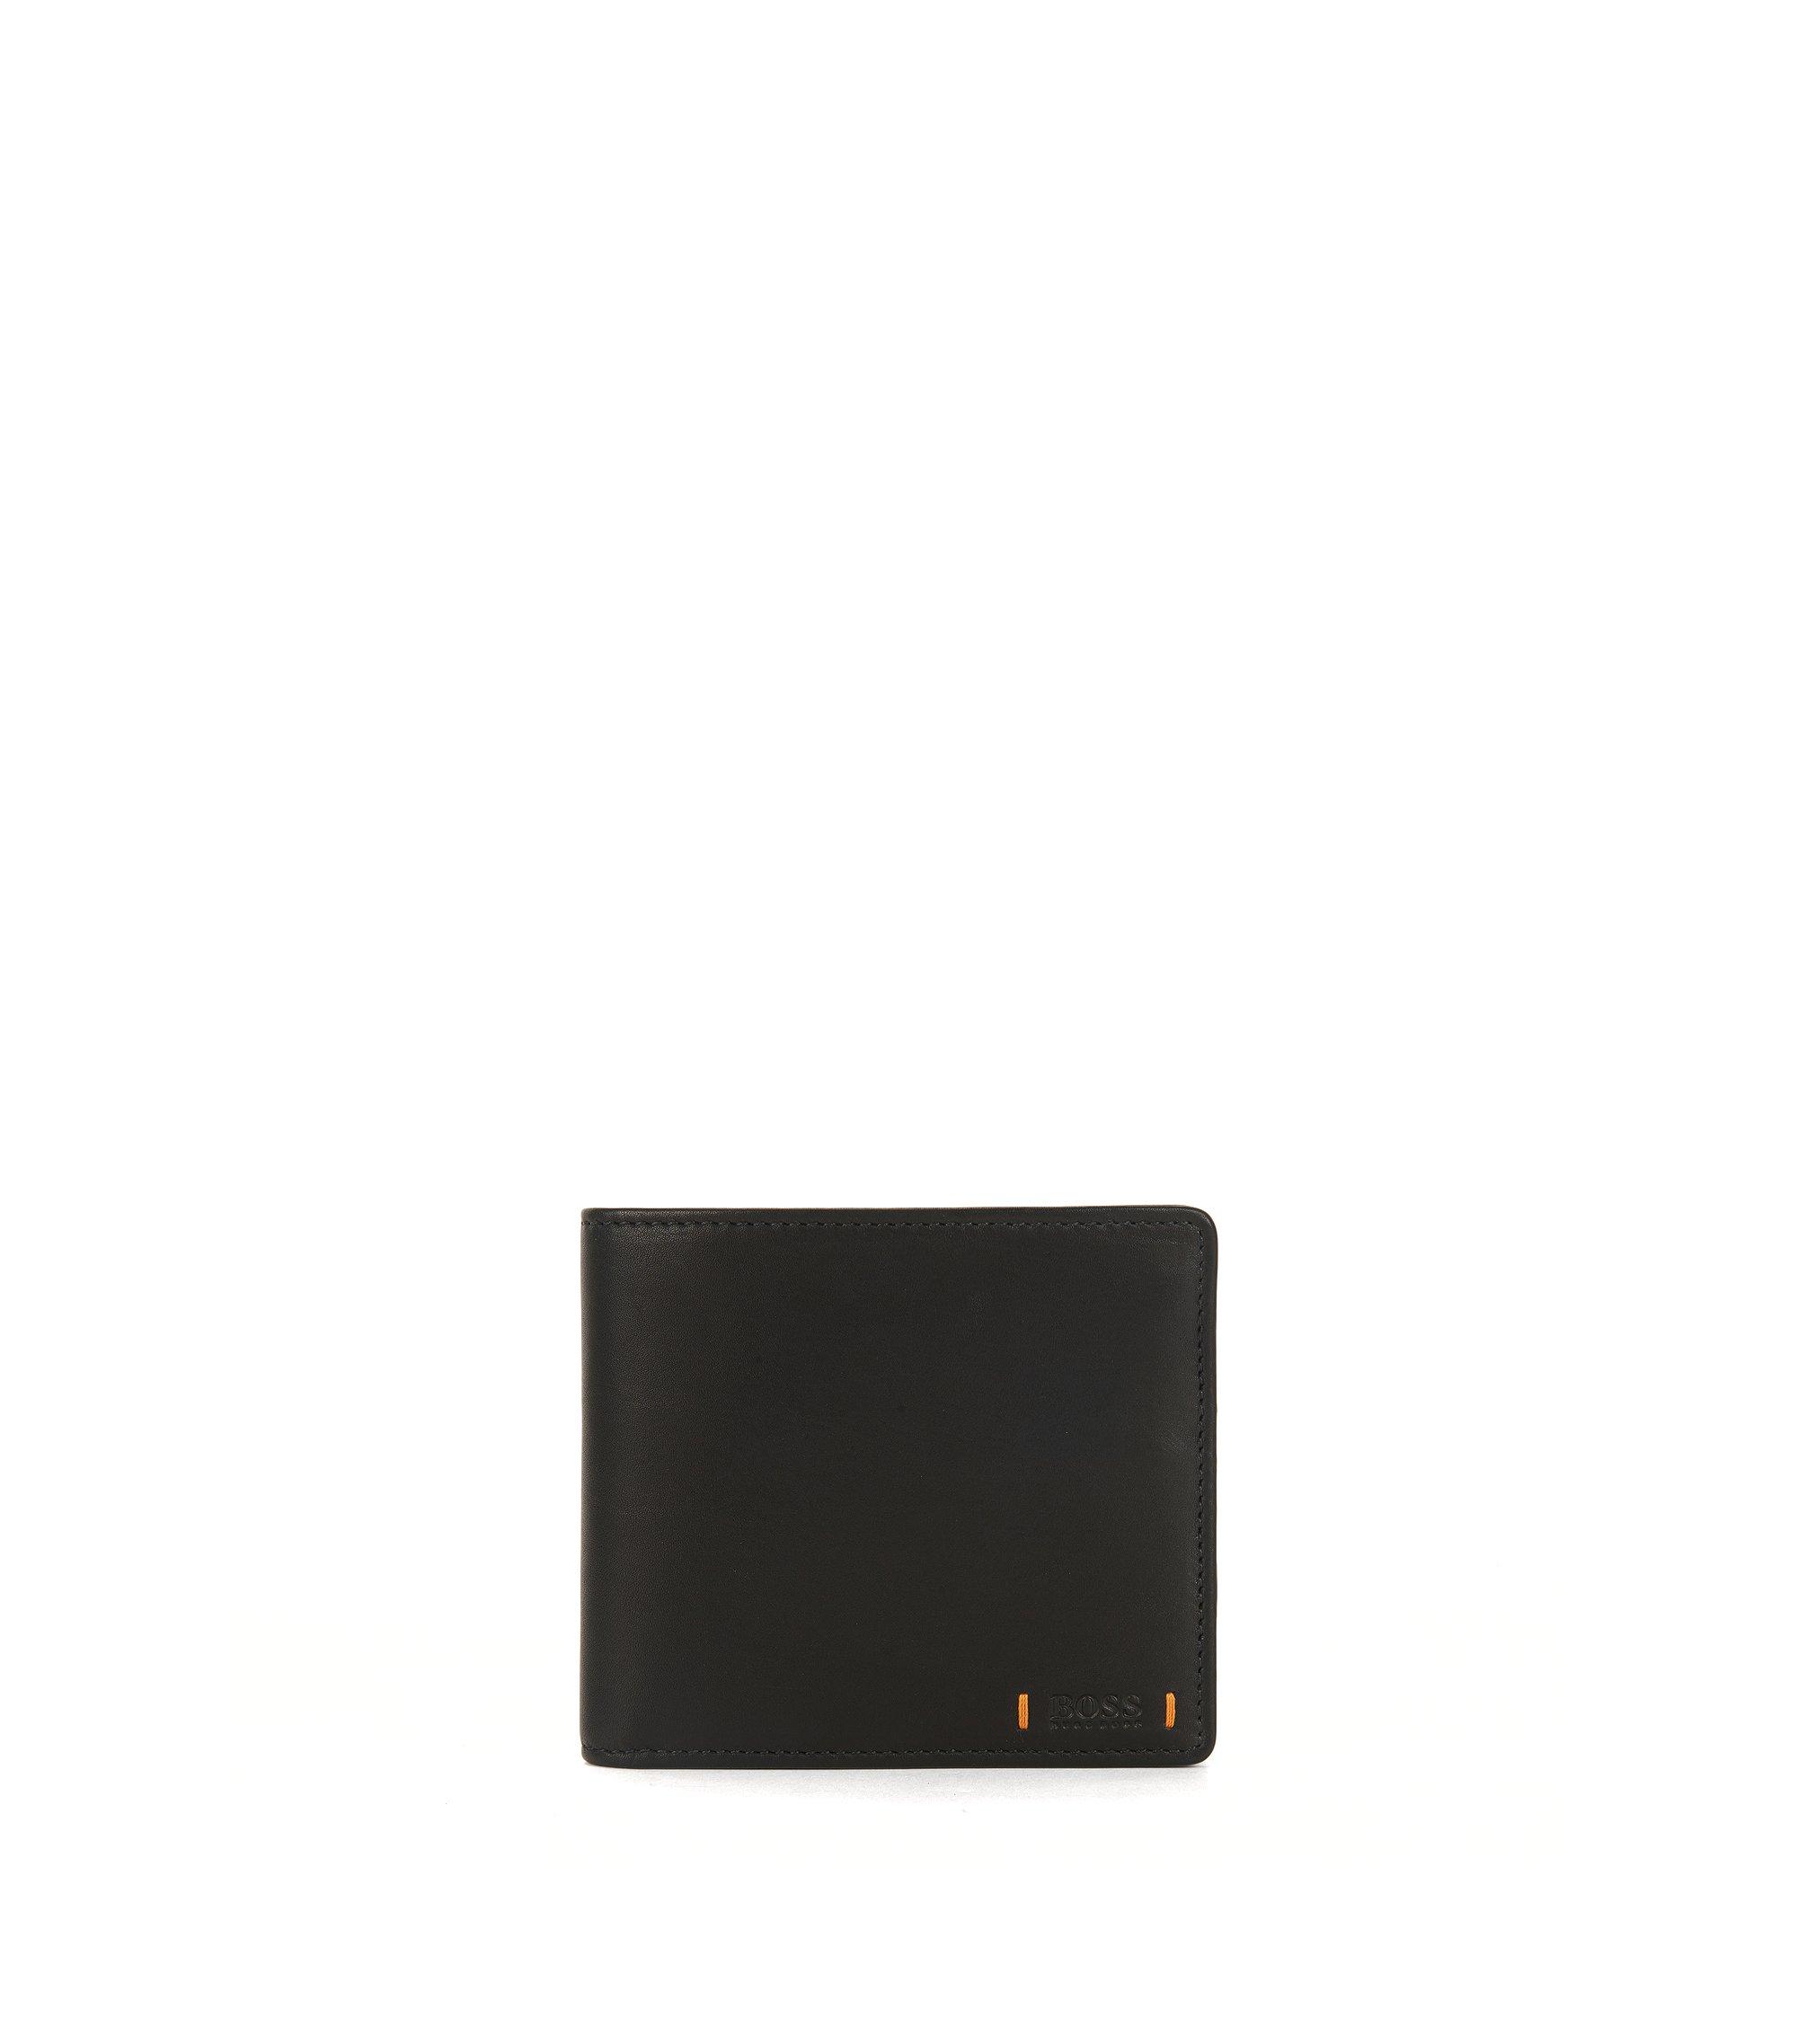 Klapp-Geldbörse aus Leder mit Münzfach, Schwarz